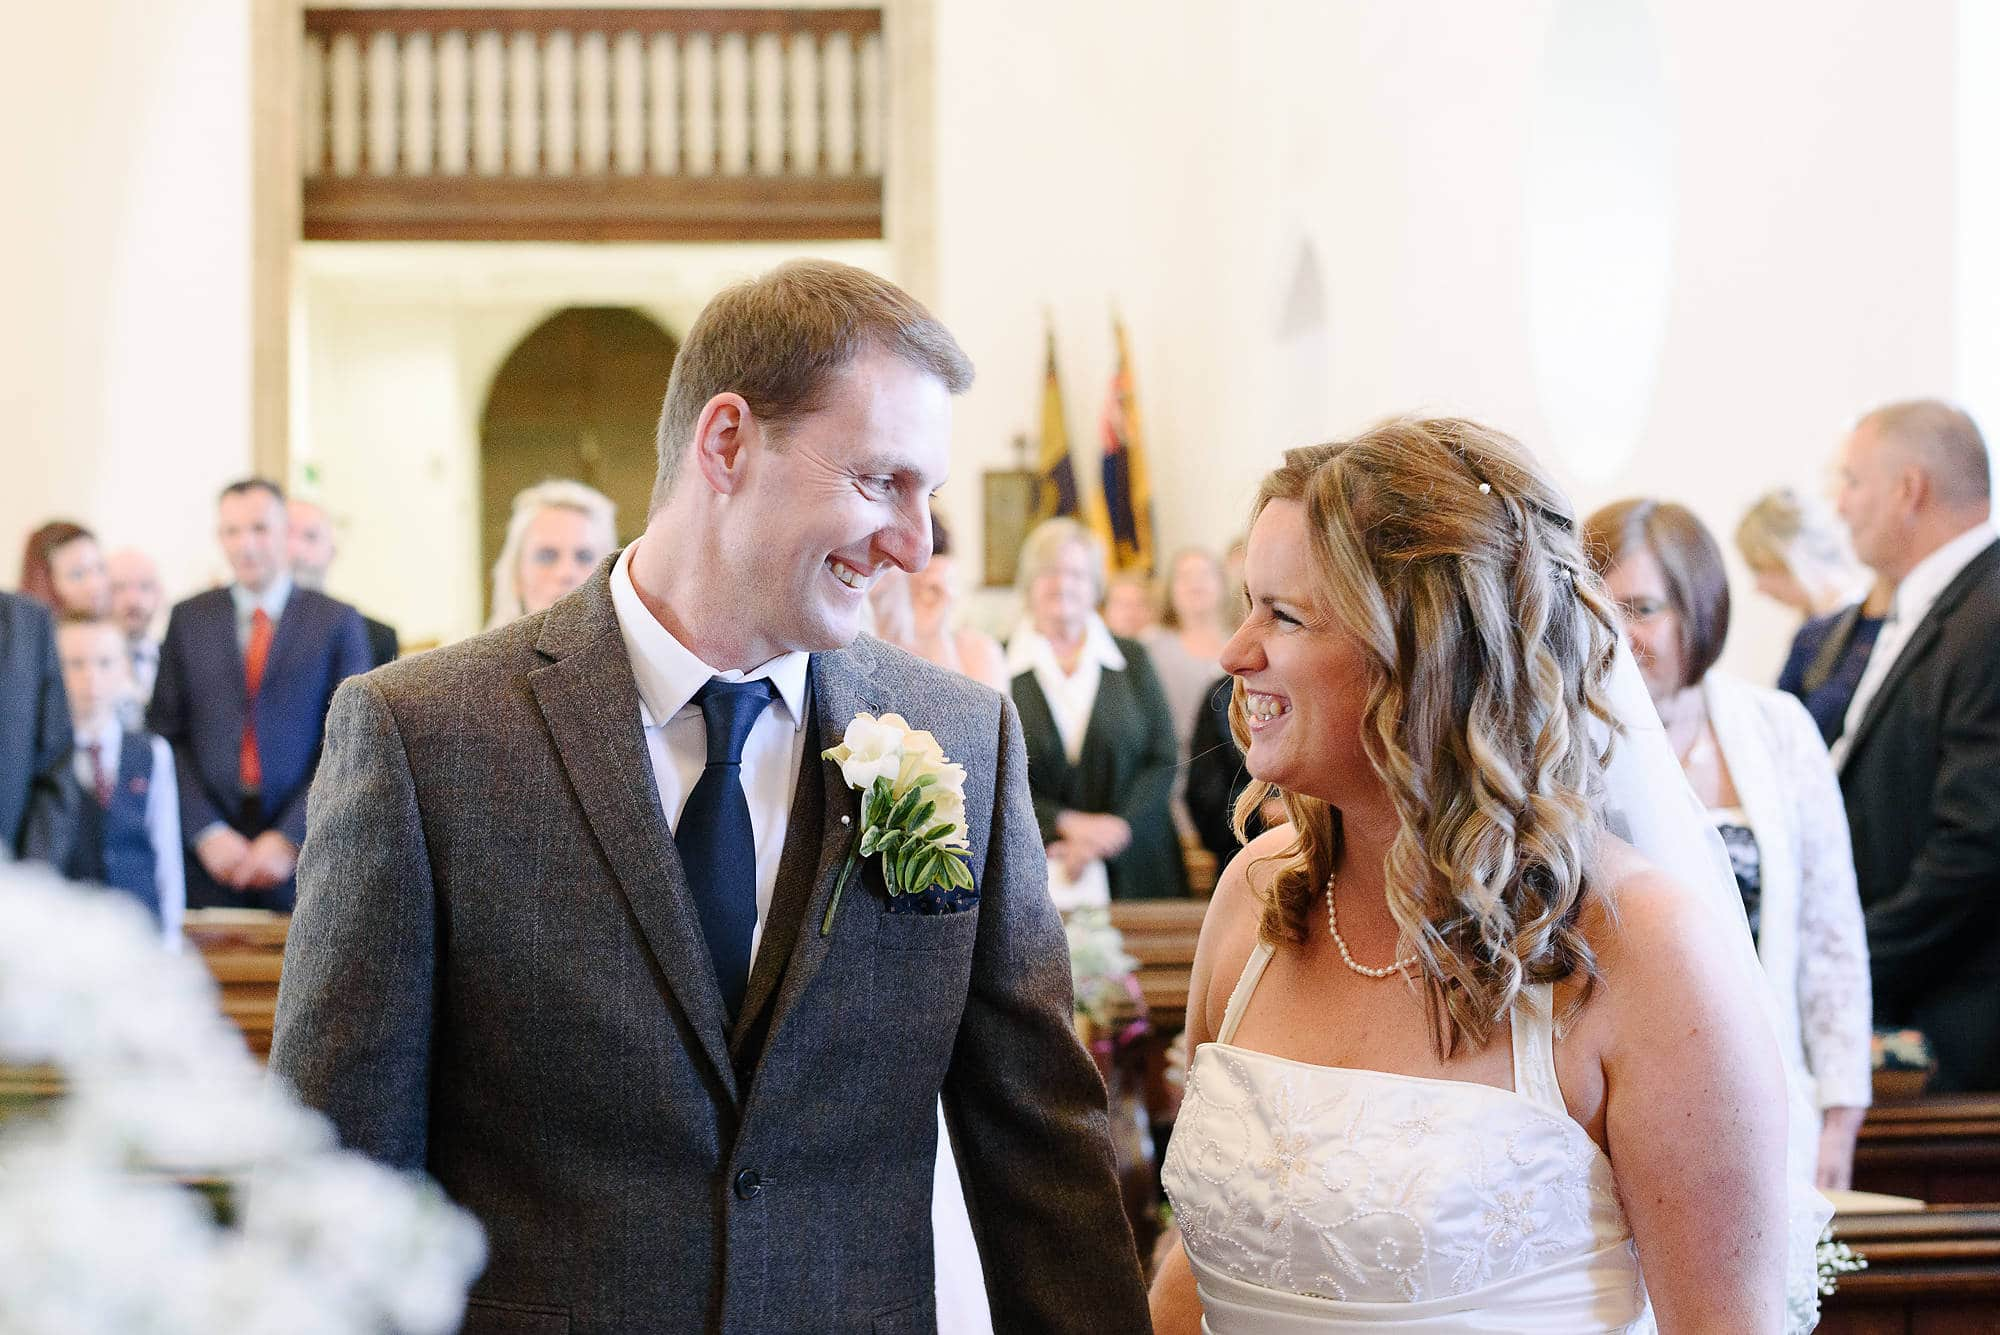 Lise & Gene's Coltishall Wedding 2